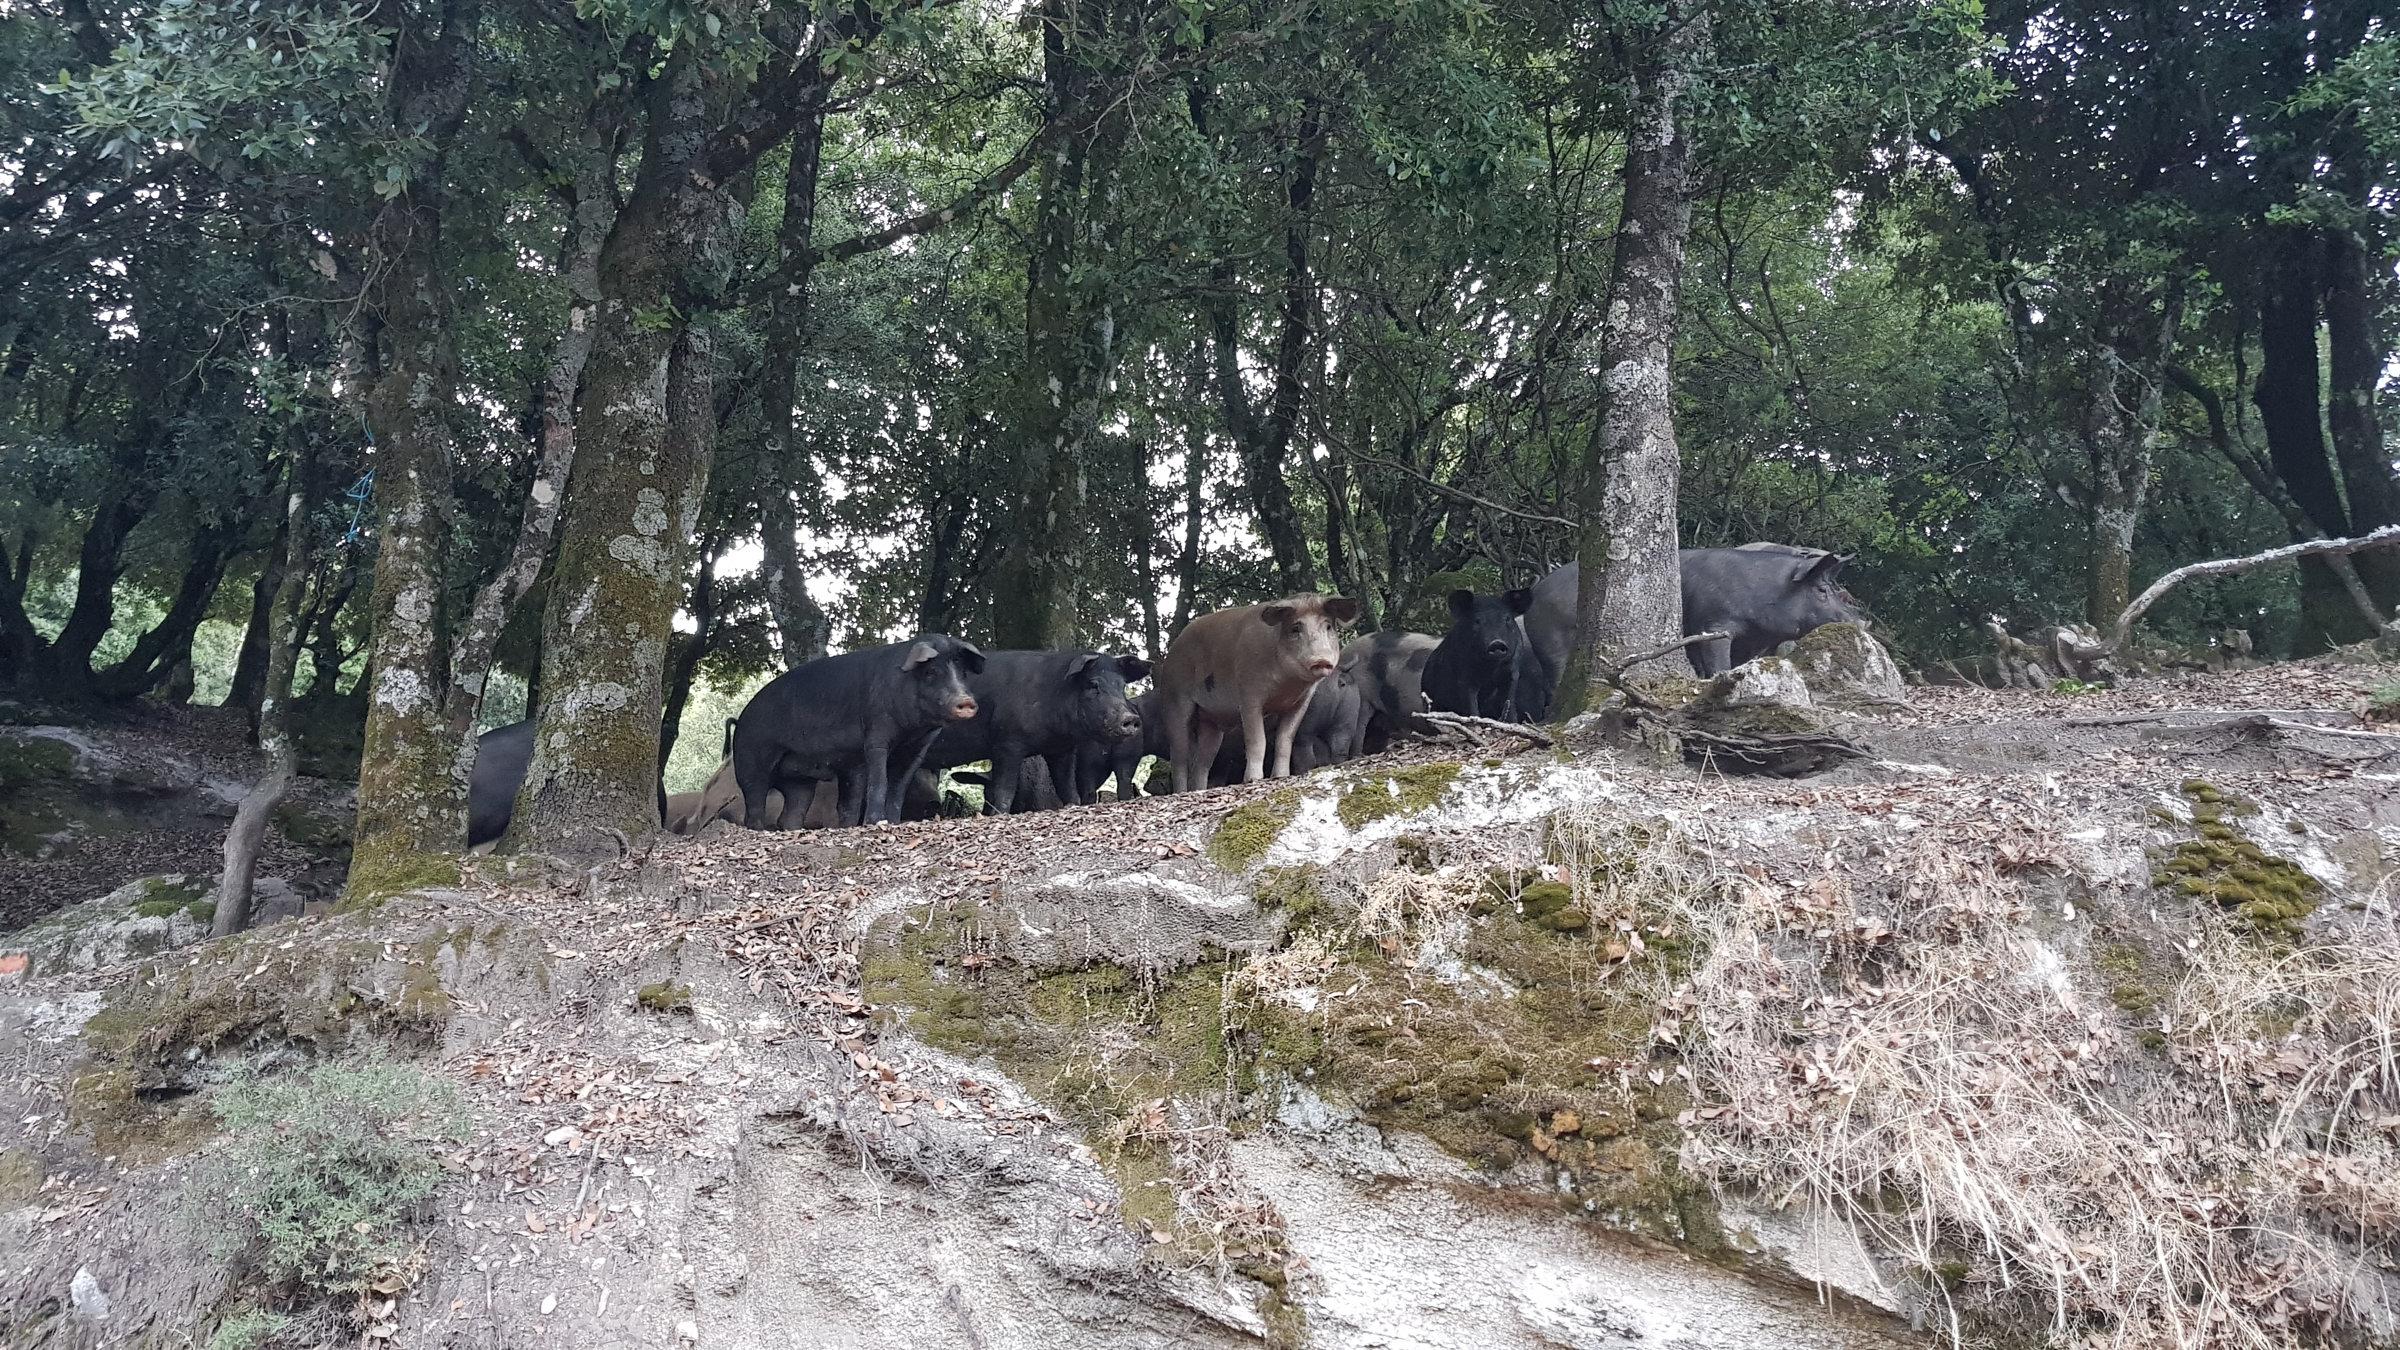 Korsische Schweine , Korsika, GR20 Weitwanderweg, Wandern, Berge, Frankreich